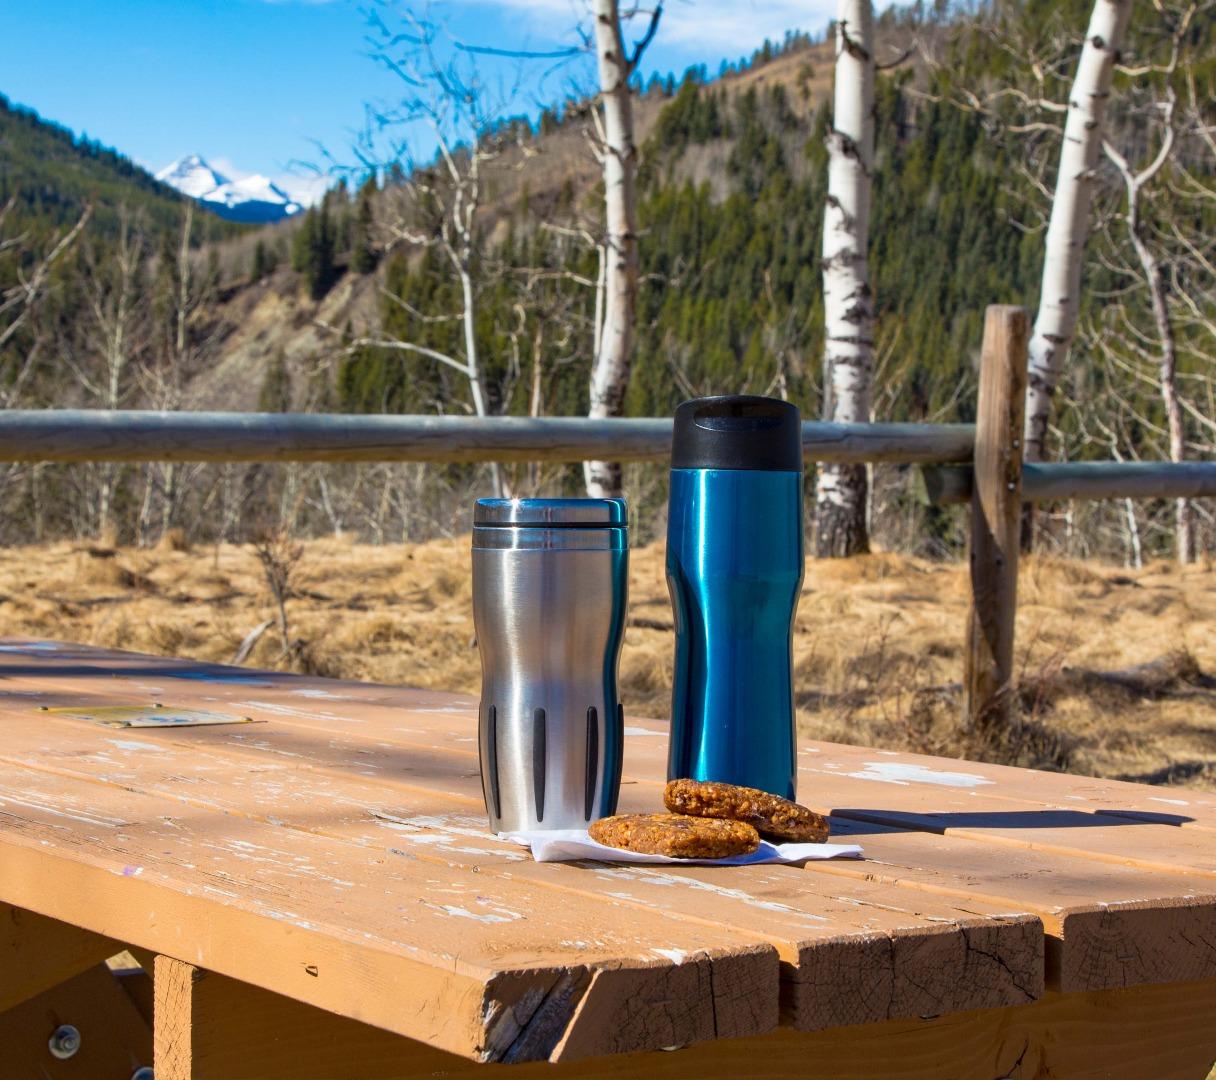 Reusable coffee mugs